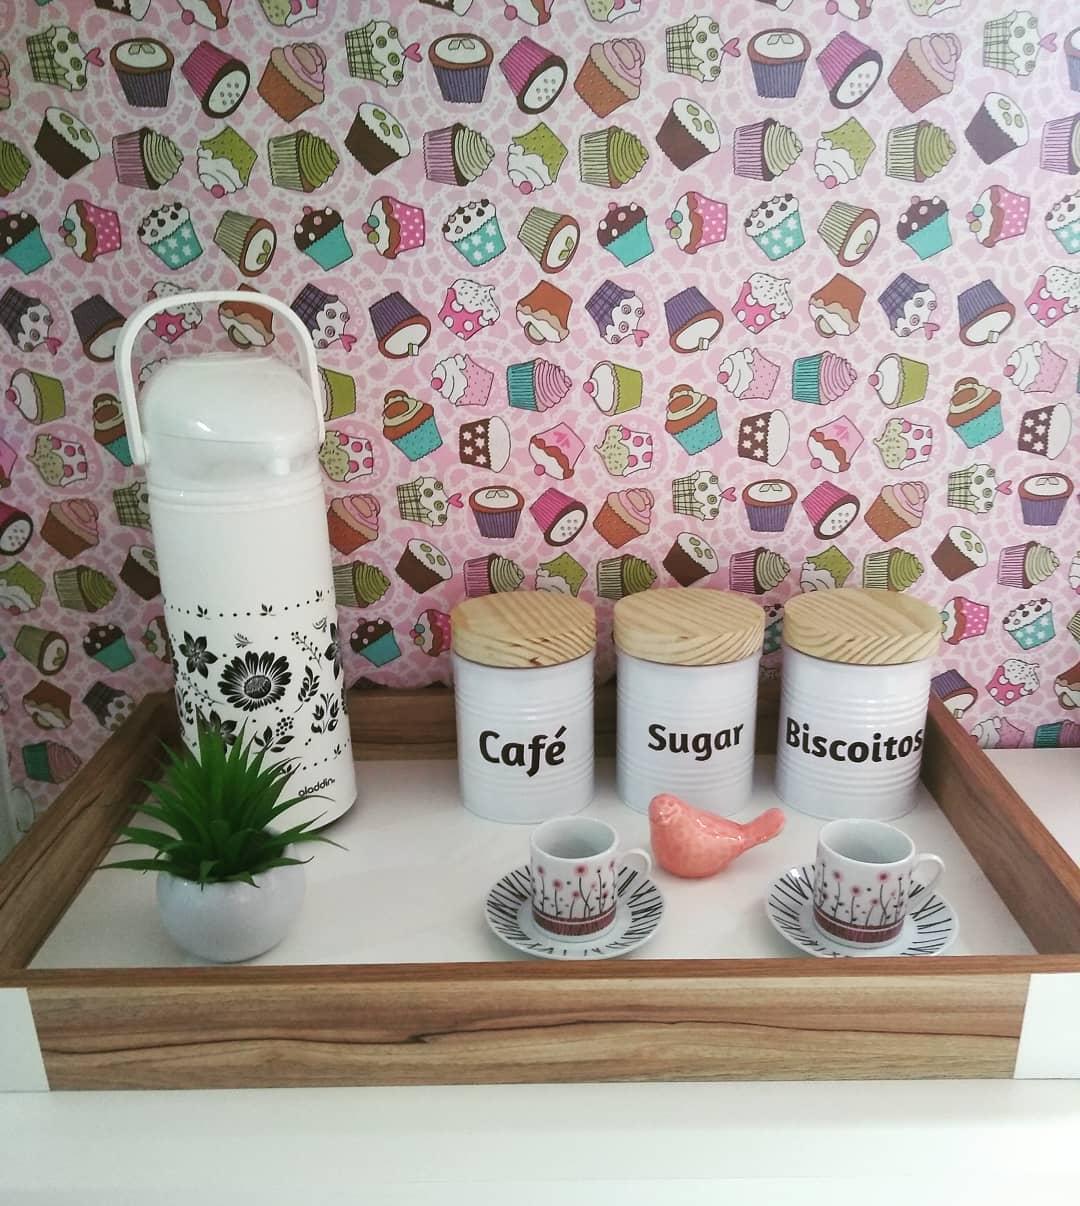 cantinho-café-decorado-simples